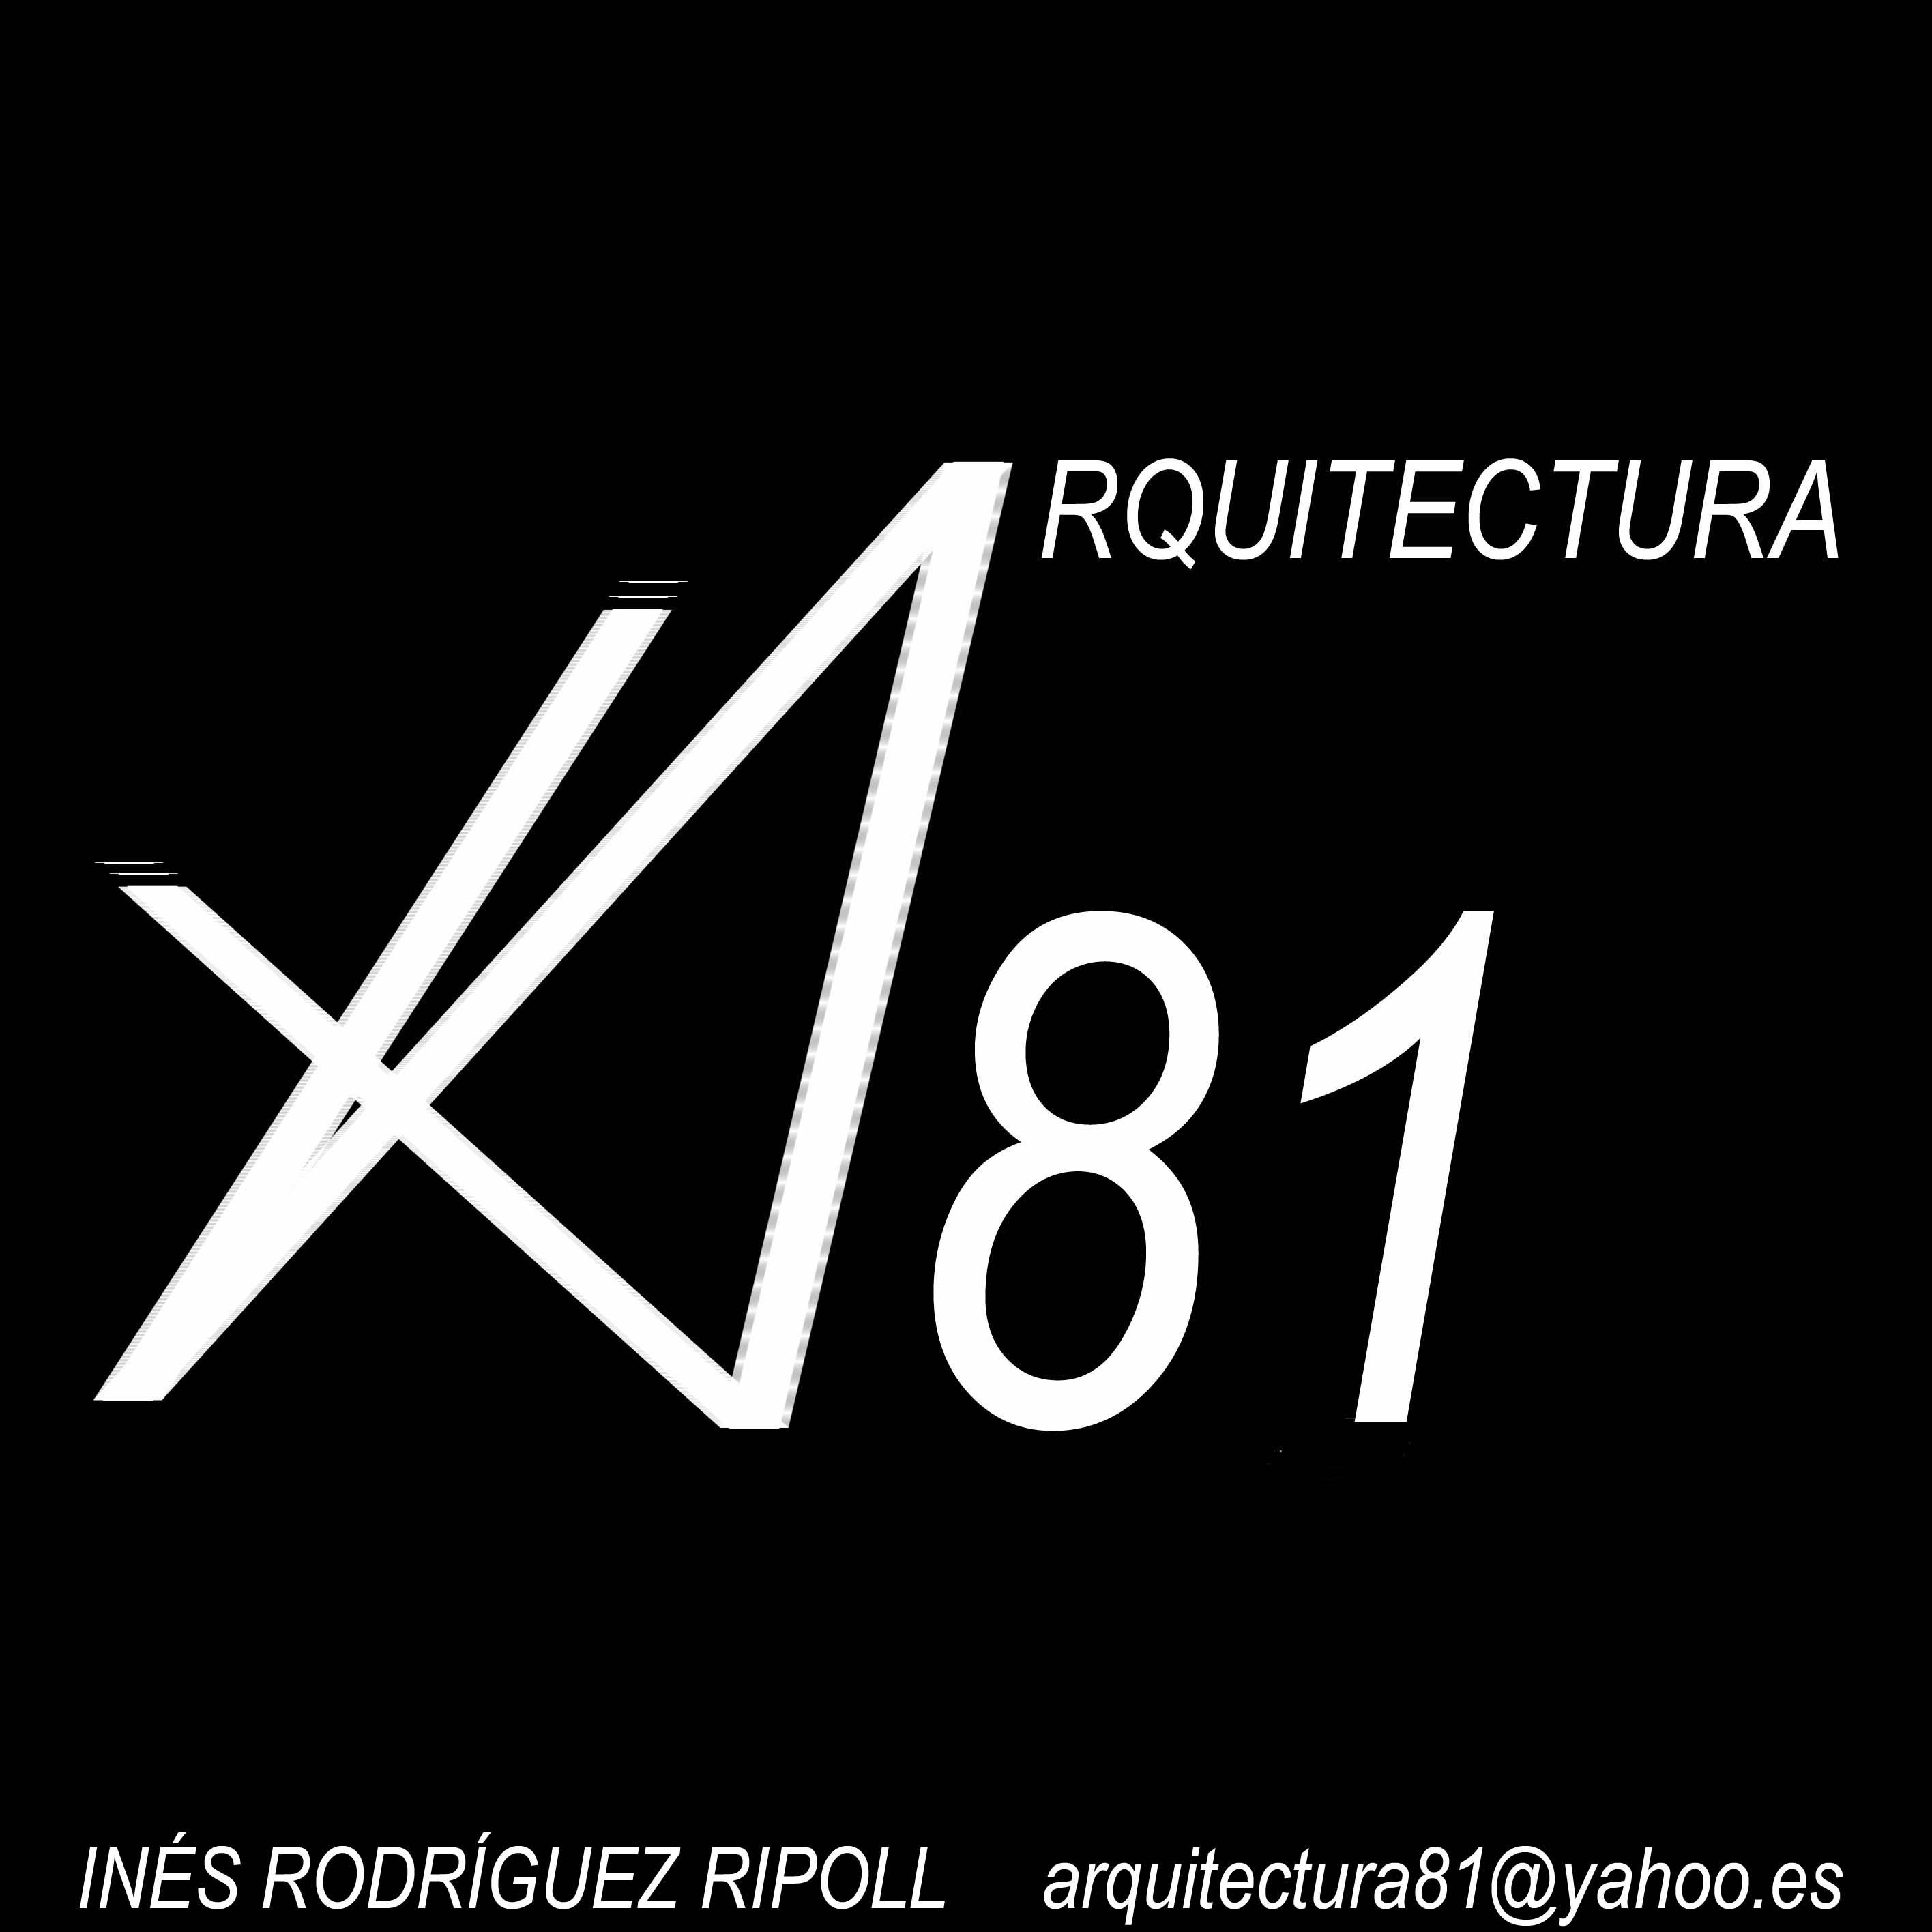 Arquitectura81